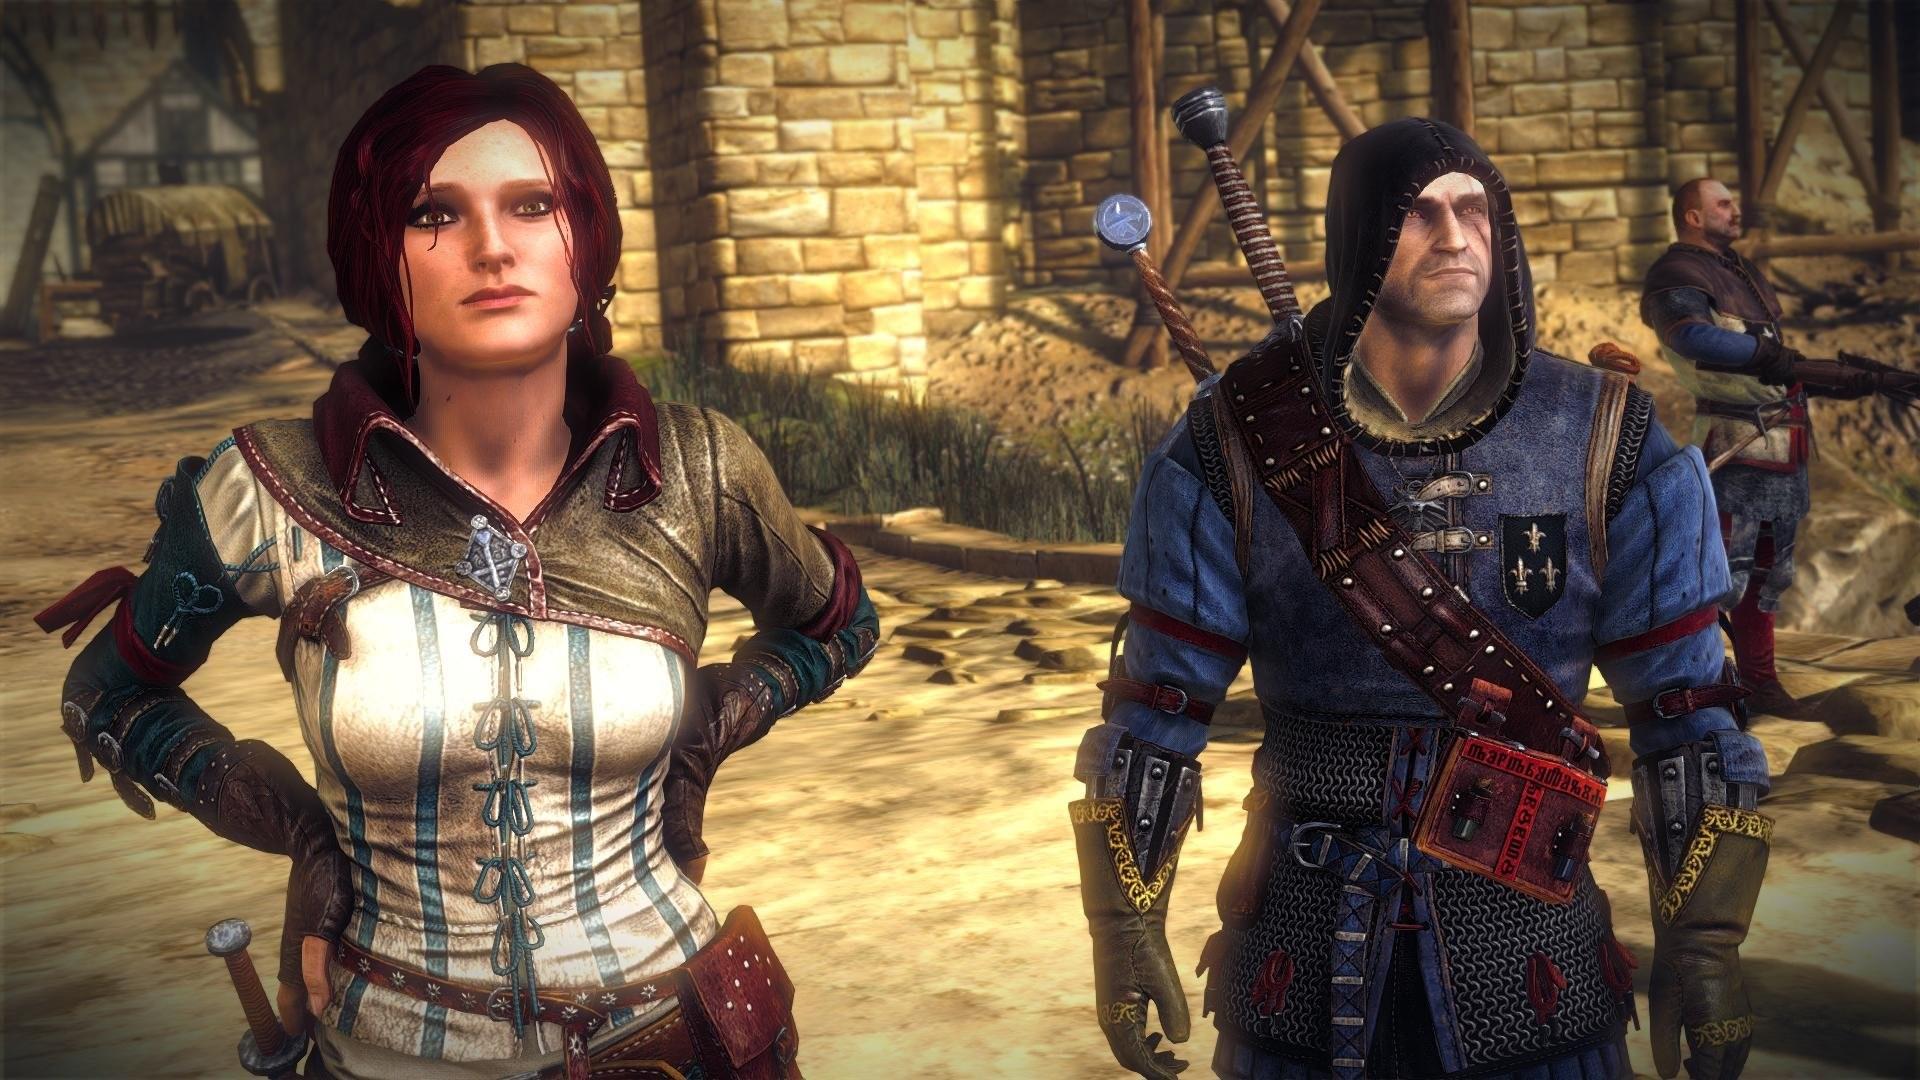 The Witcher 2 Assassins of Kings Geralt Triss Merigold wallpaper |  | 690524 | WallpaperUP